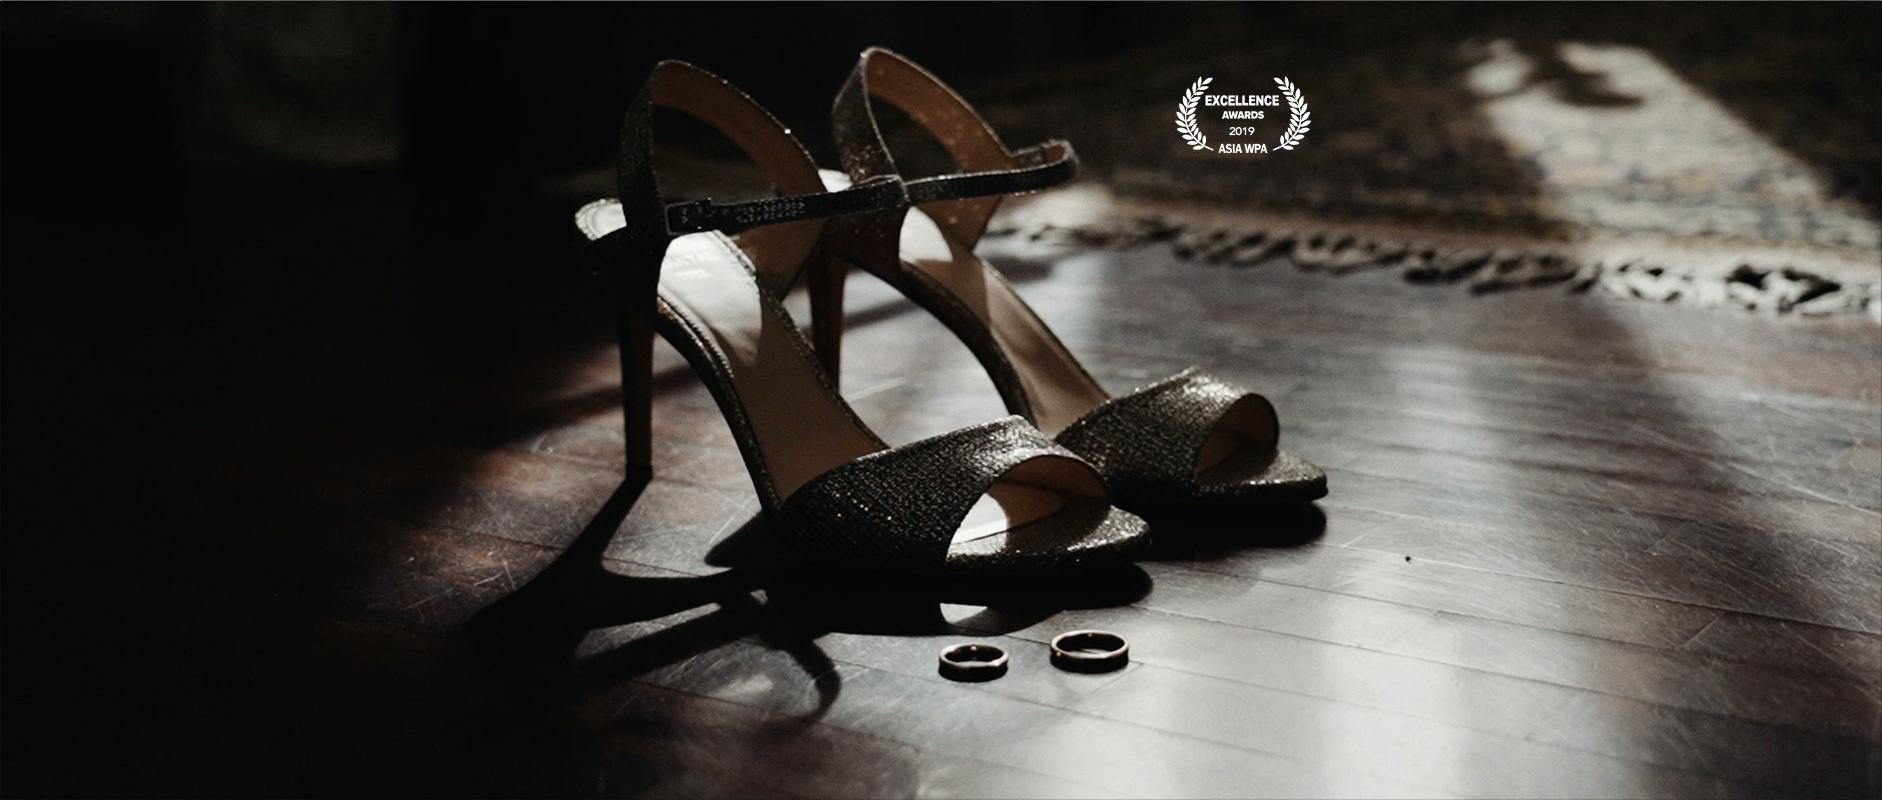 trailer di matrimonio a chiaravalle ancona